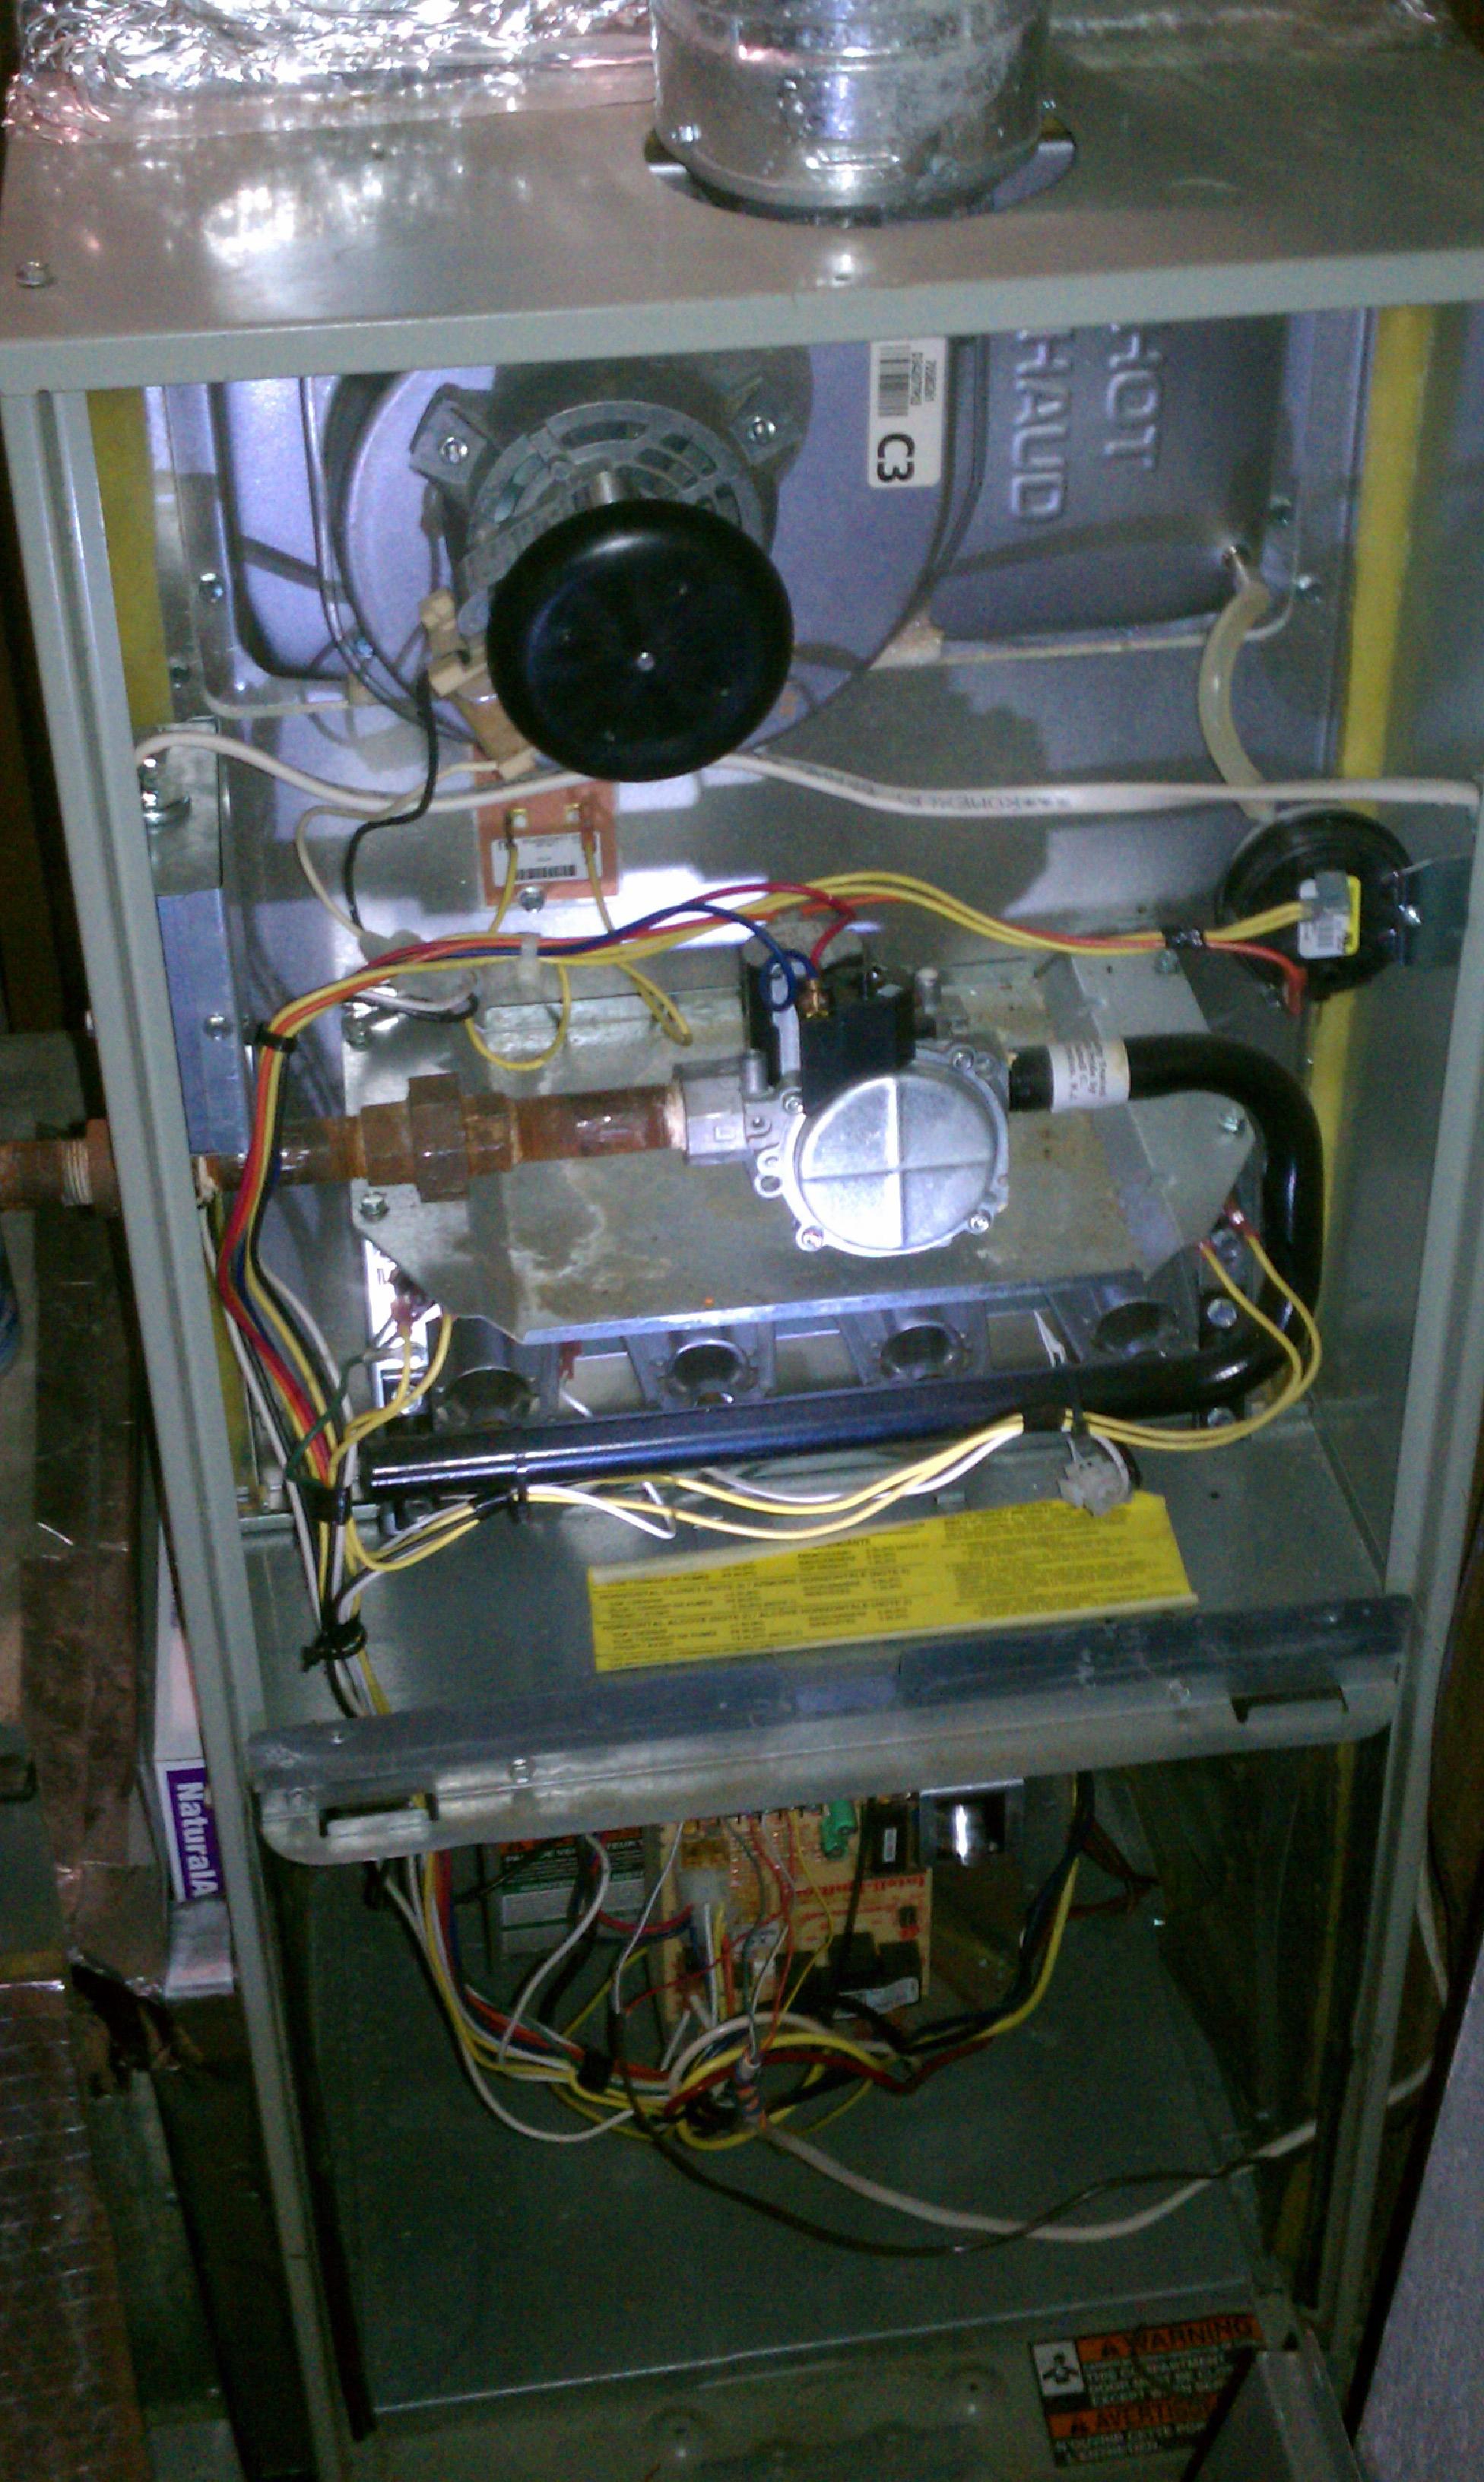 I Have A Trane Gas Furnace Xr80 Recent A Weird Problem Has